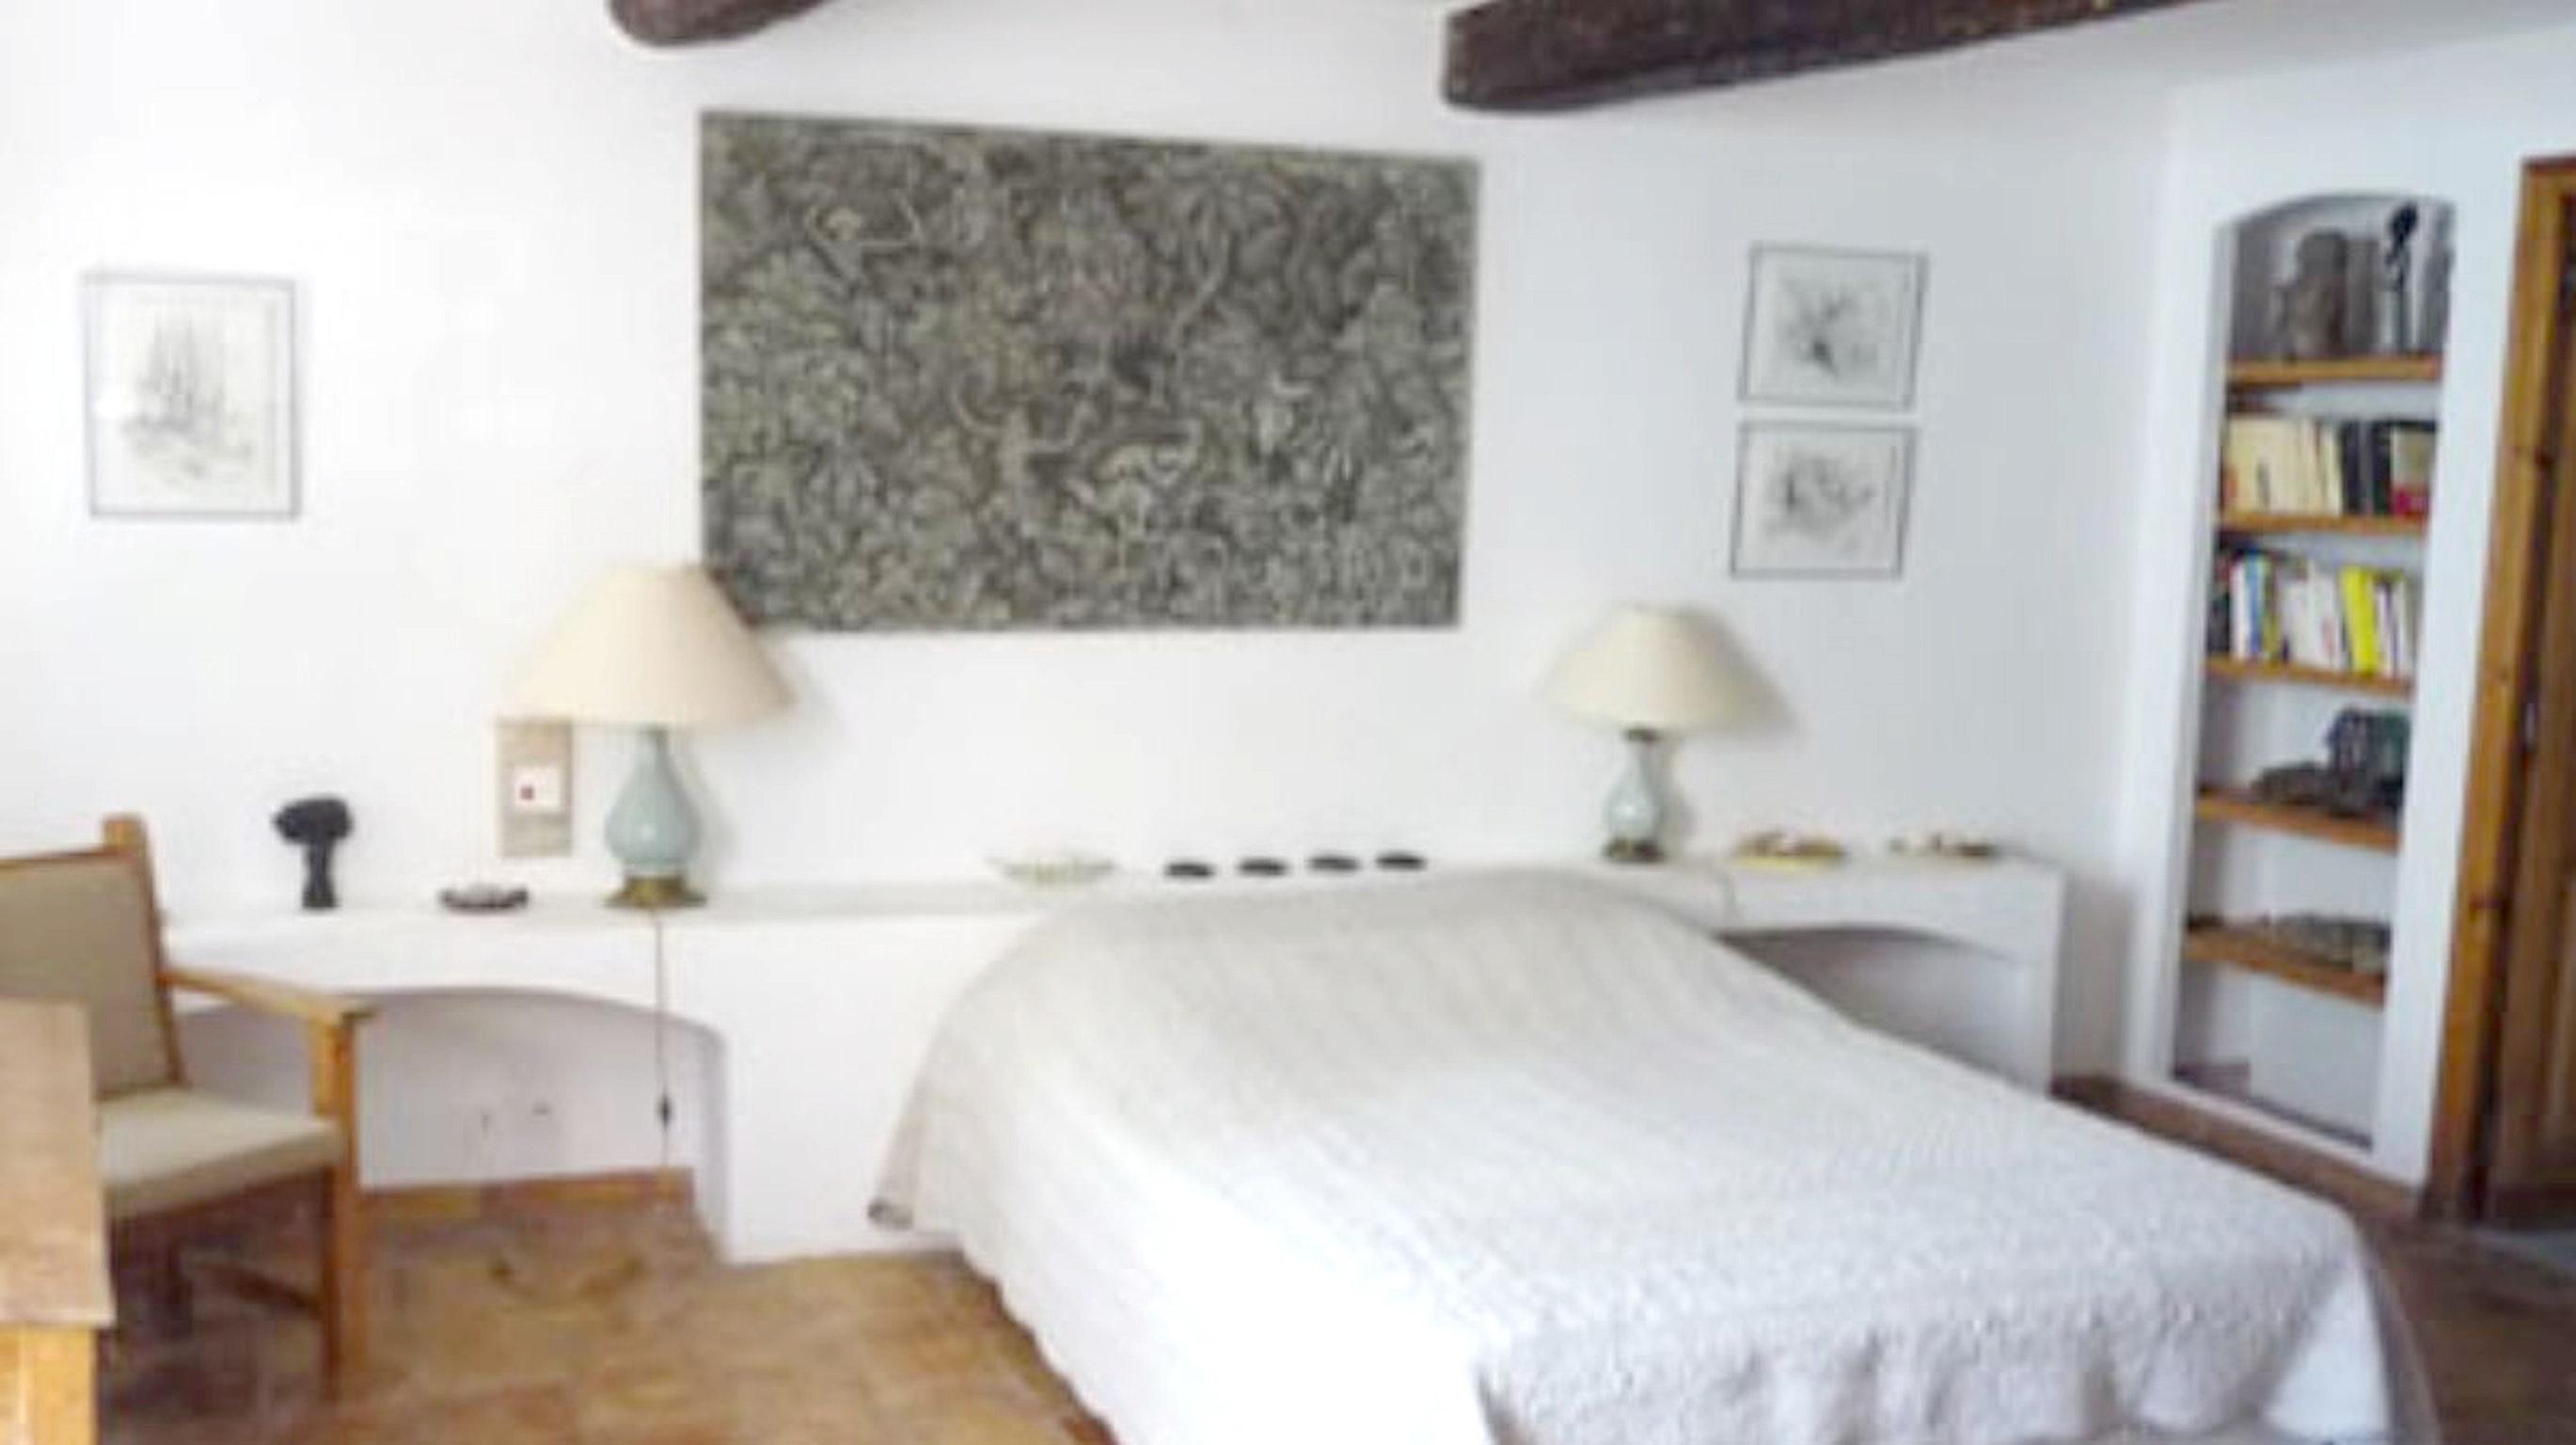 Maison de vacances Villa mit 5 Zimmern in La Garde-Freinet mit privatem Pool, Garten und W-LAN - 20 km vom St (2339879), La Garde Freinet, Côte d'Azur, Provence - Alpes - Côte d'Azur, France, image 9